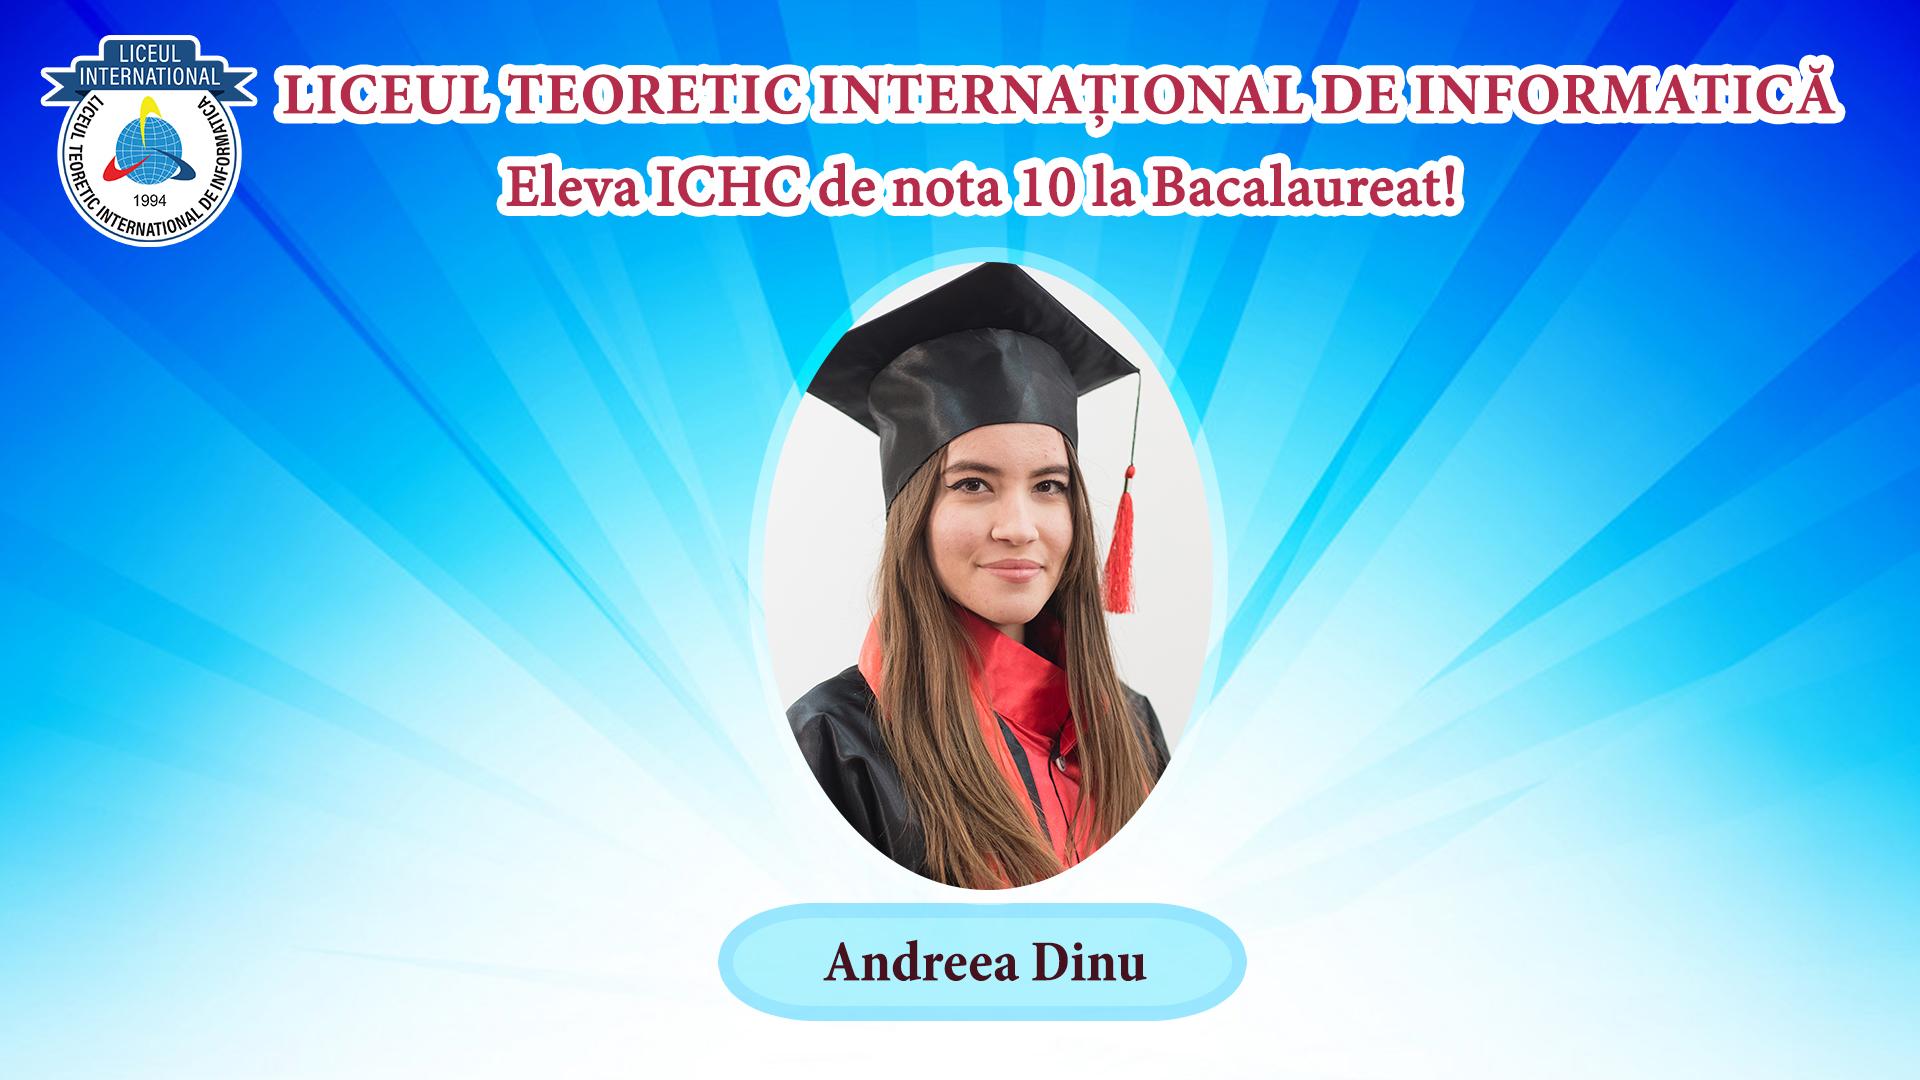 Primăria Constanța a oferit recompense în banipentru elevii de 10 la Bac şi profesorilor îndrumători!